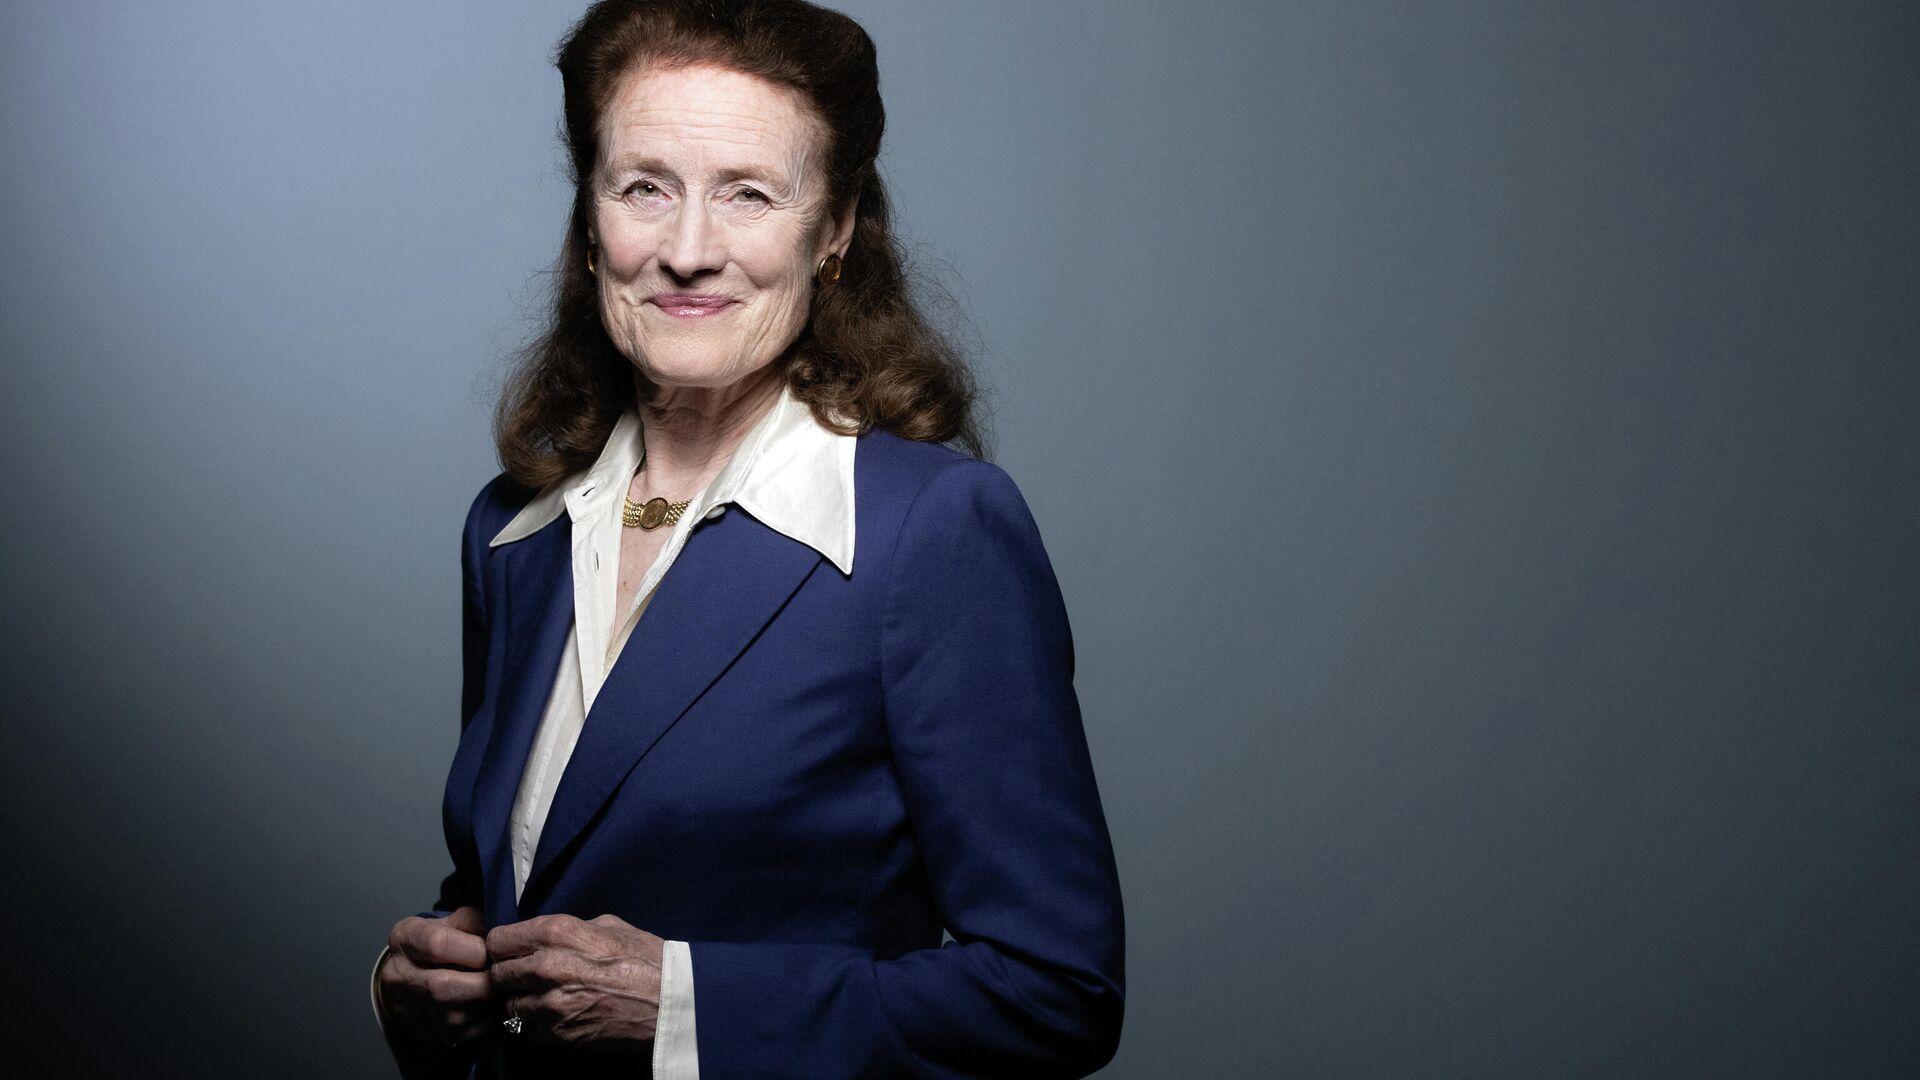 Henrietta Fore, la directora ejecutiva del Fondo de las Naciones Unidas para la Infancia (Unicef),  - Sputnik Mundo, 1920, 13.07.2021